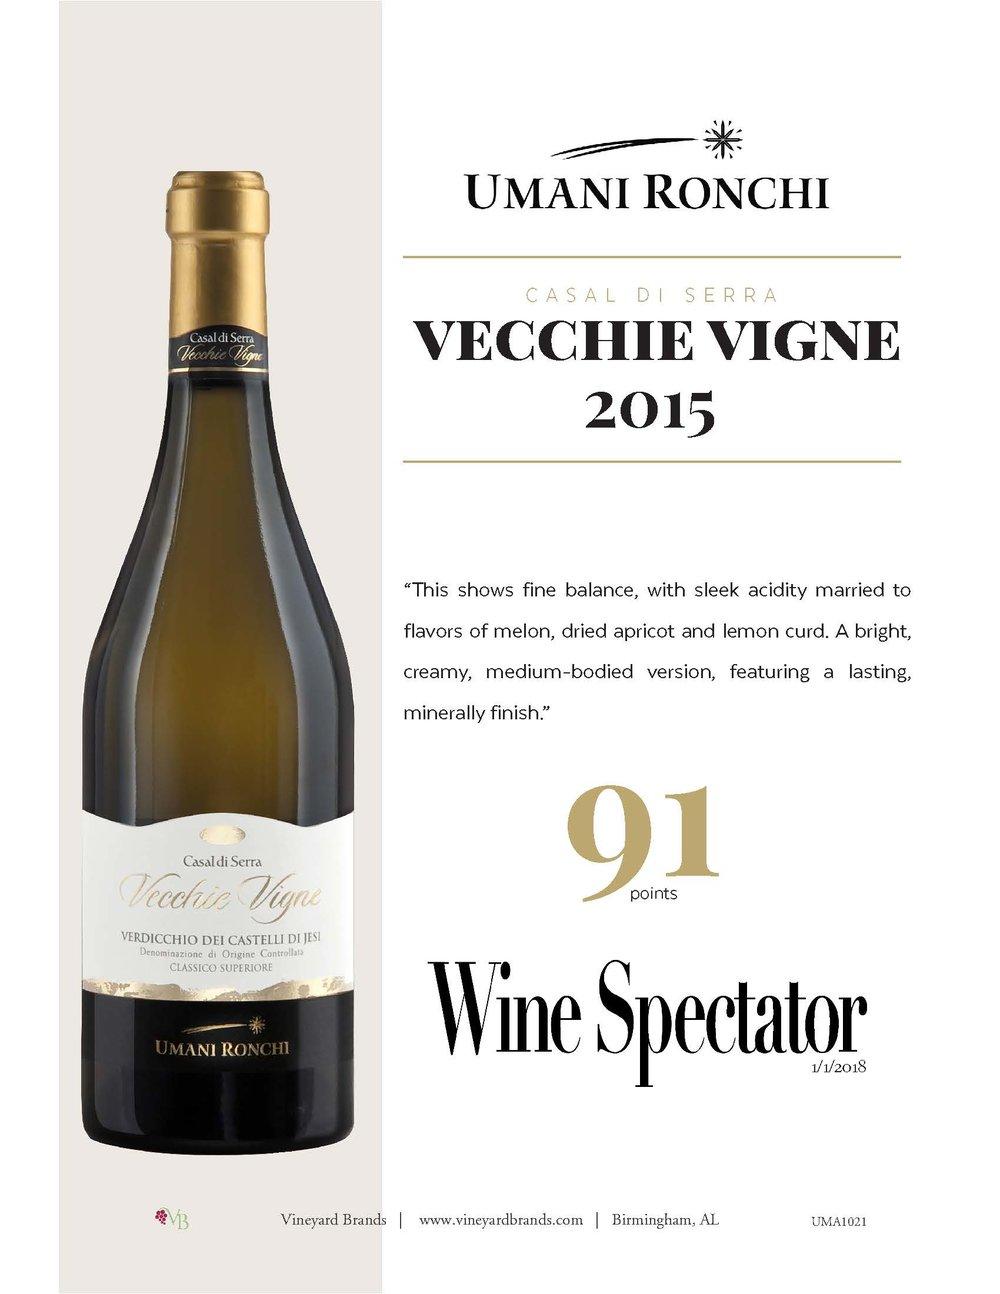 Umani Ronchi Vecchie Vigne 2015.jpg